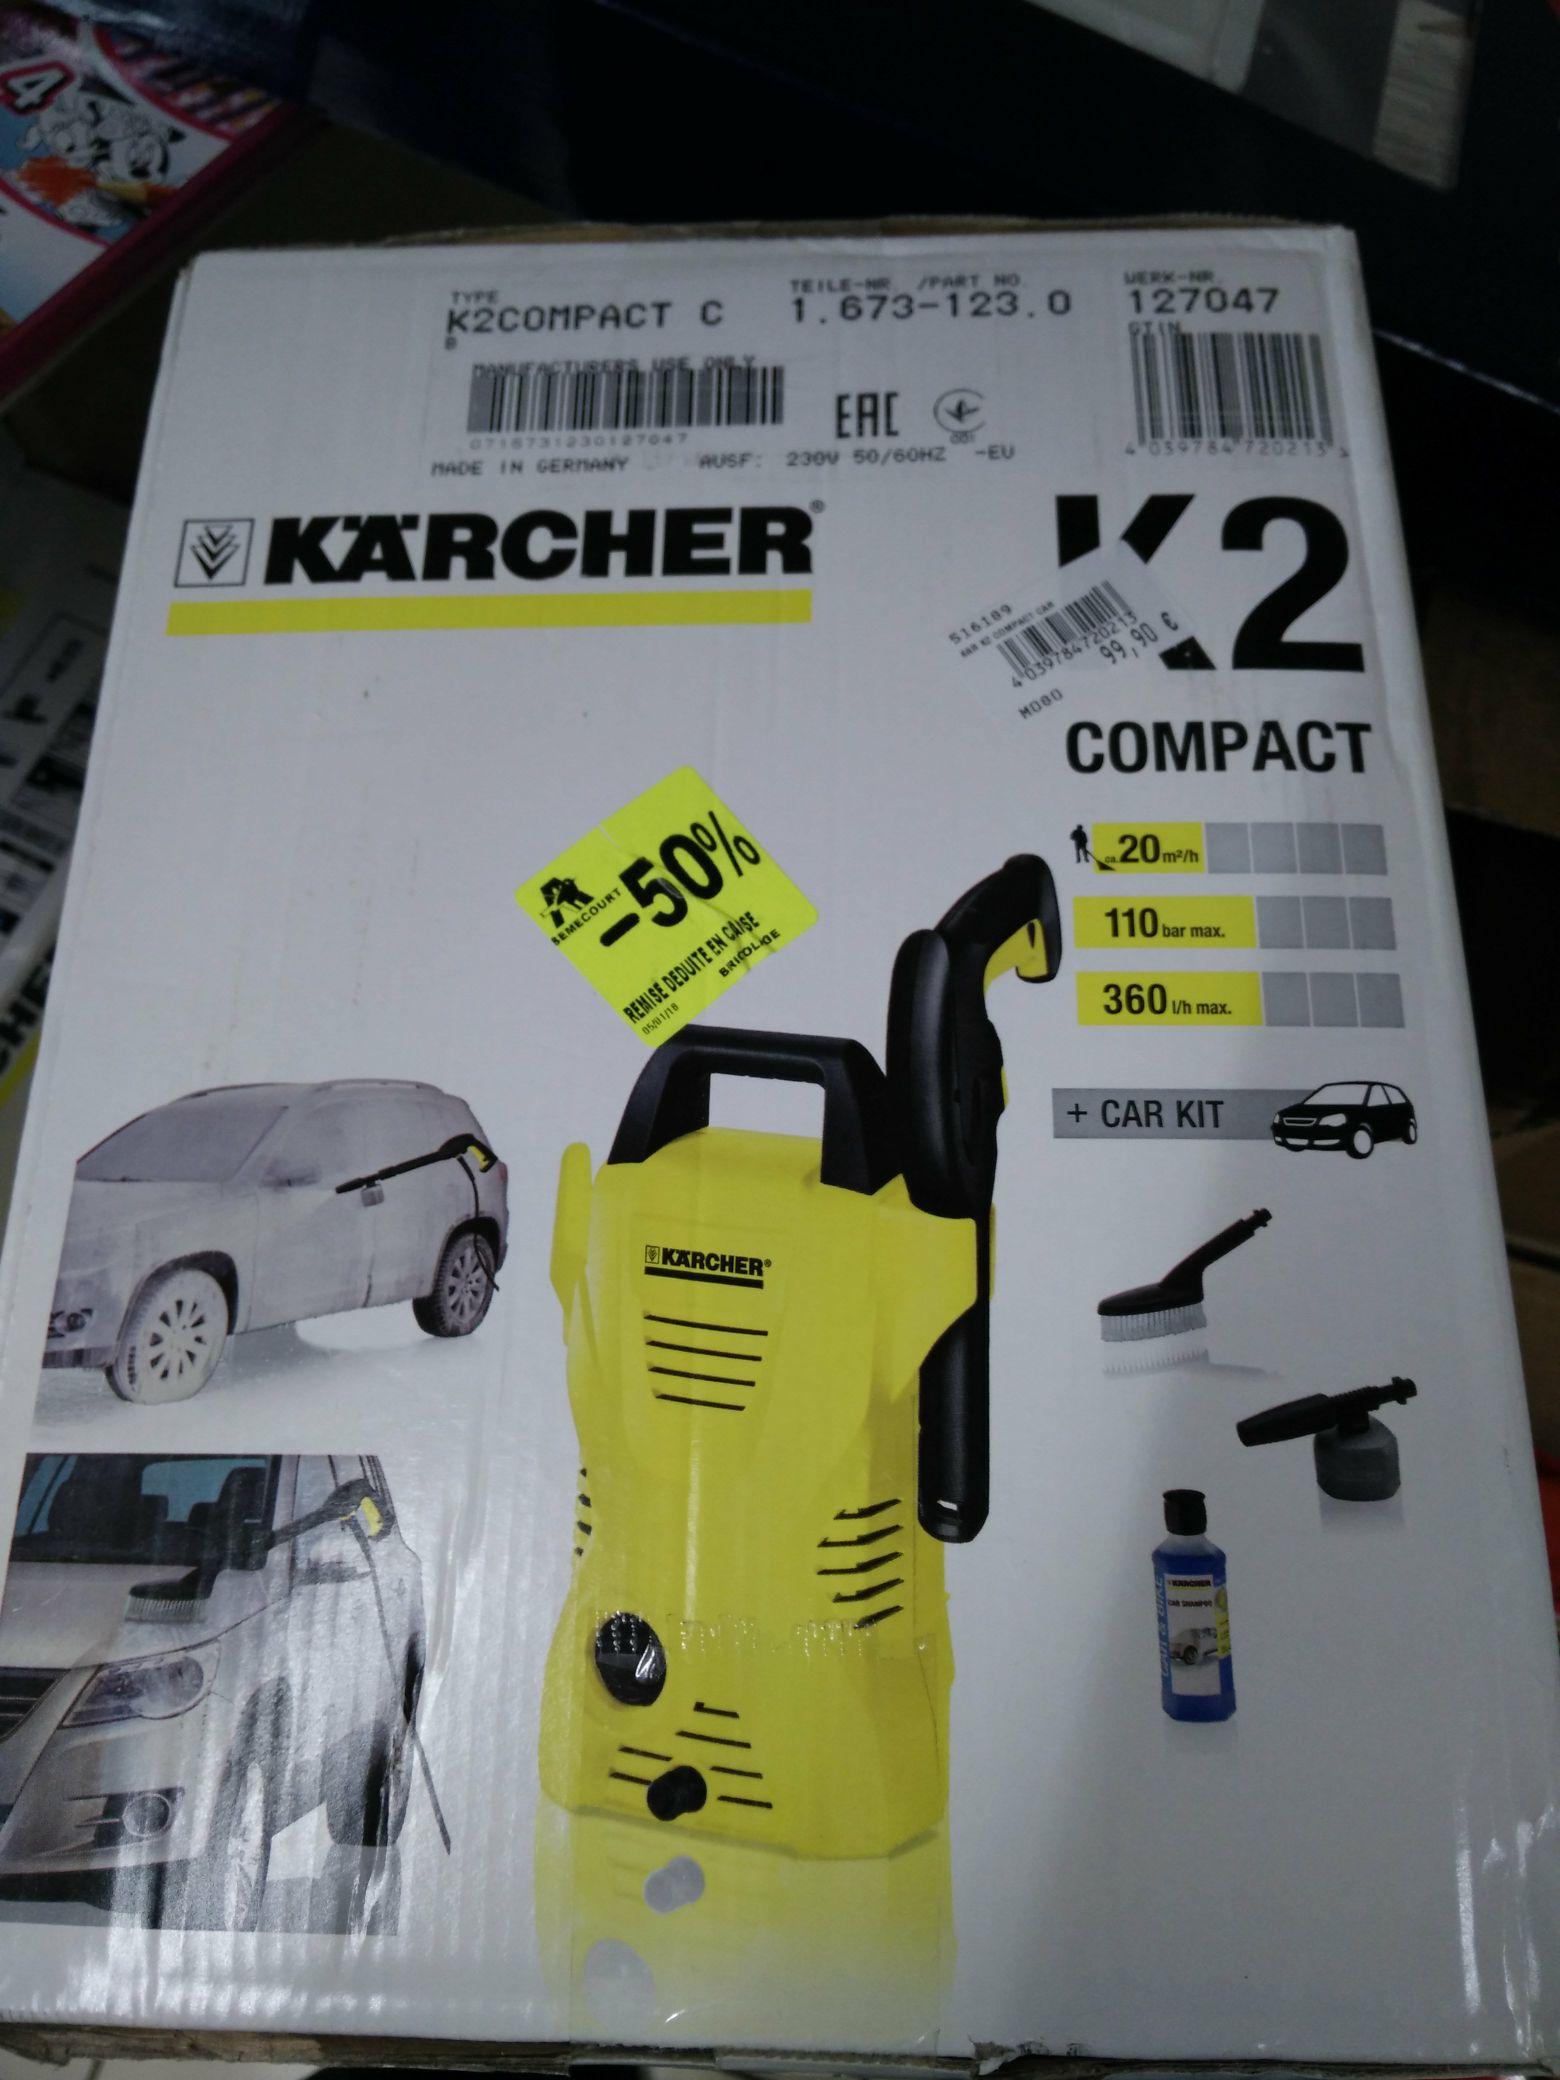 Nettoyeur haute pression Karcher K2 Compact + kit voiture 1400W - Auchan Semecourt (57)